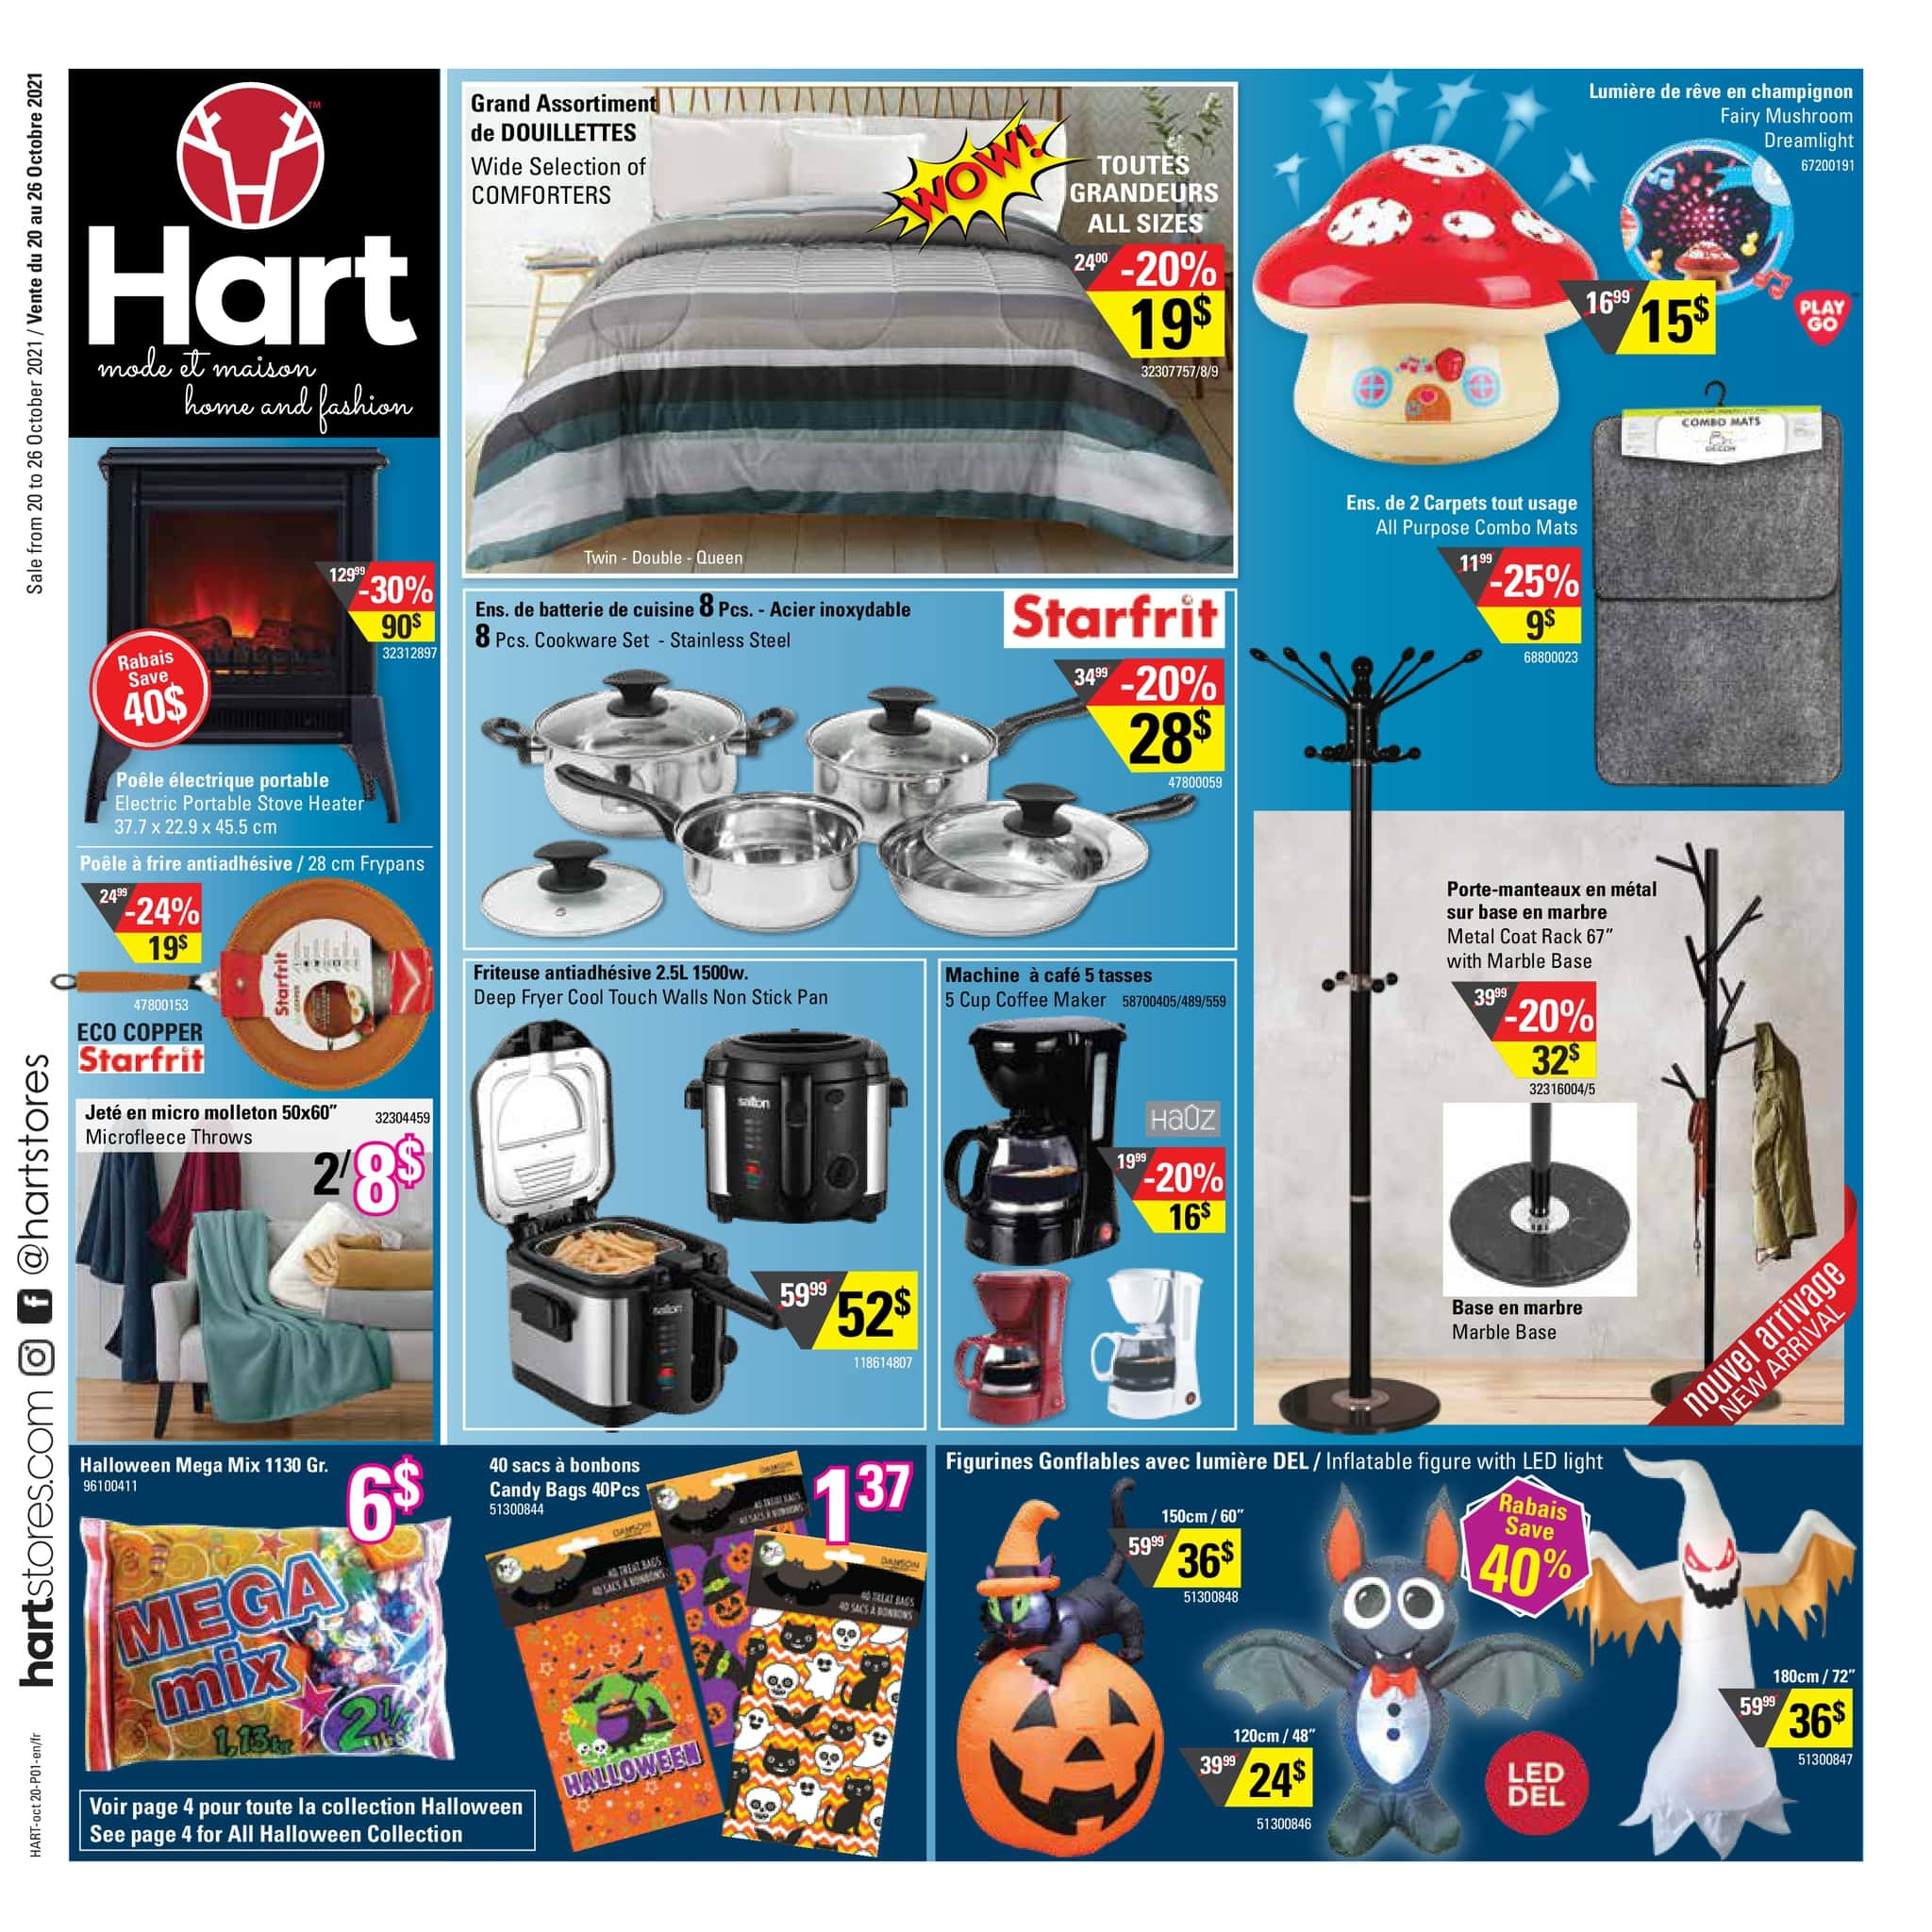 Hart - Weekly Flyer Specials